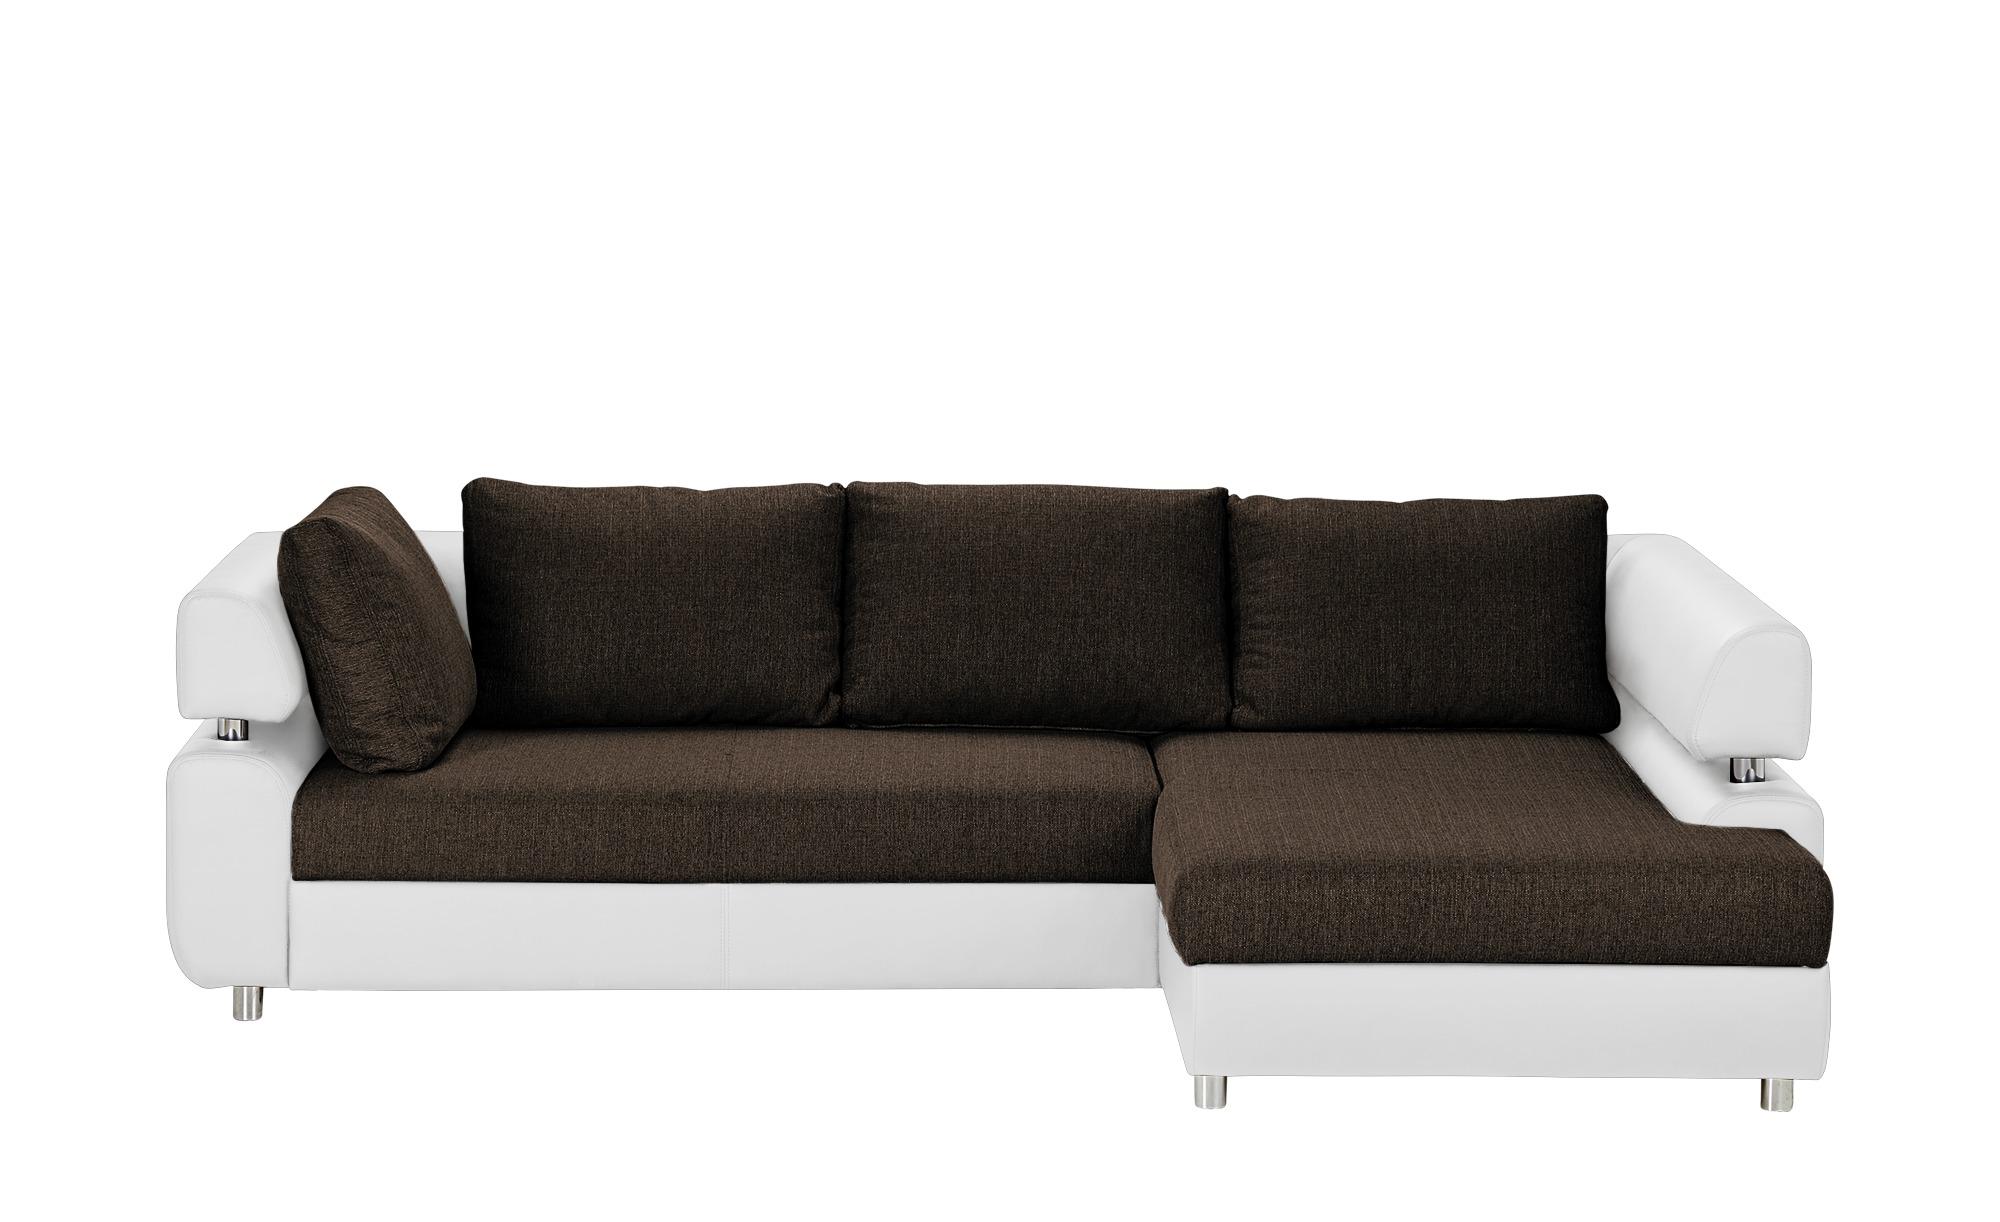 Sofa Wohnzimmer ~ Switch ecksofa zweifarbig panama jetzt bestellen unter